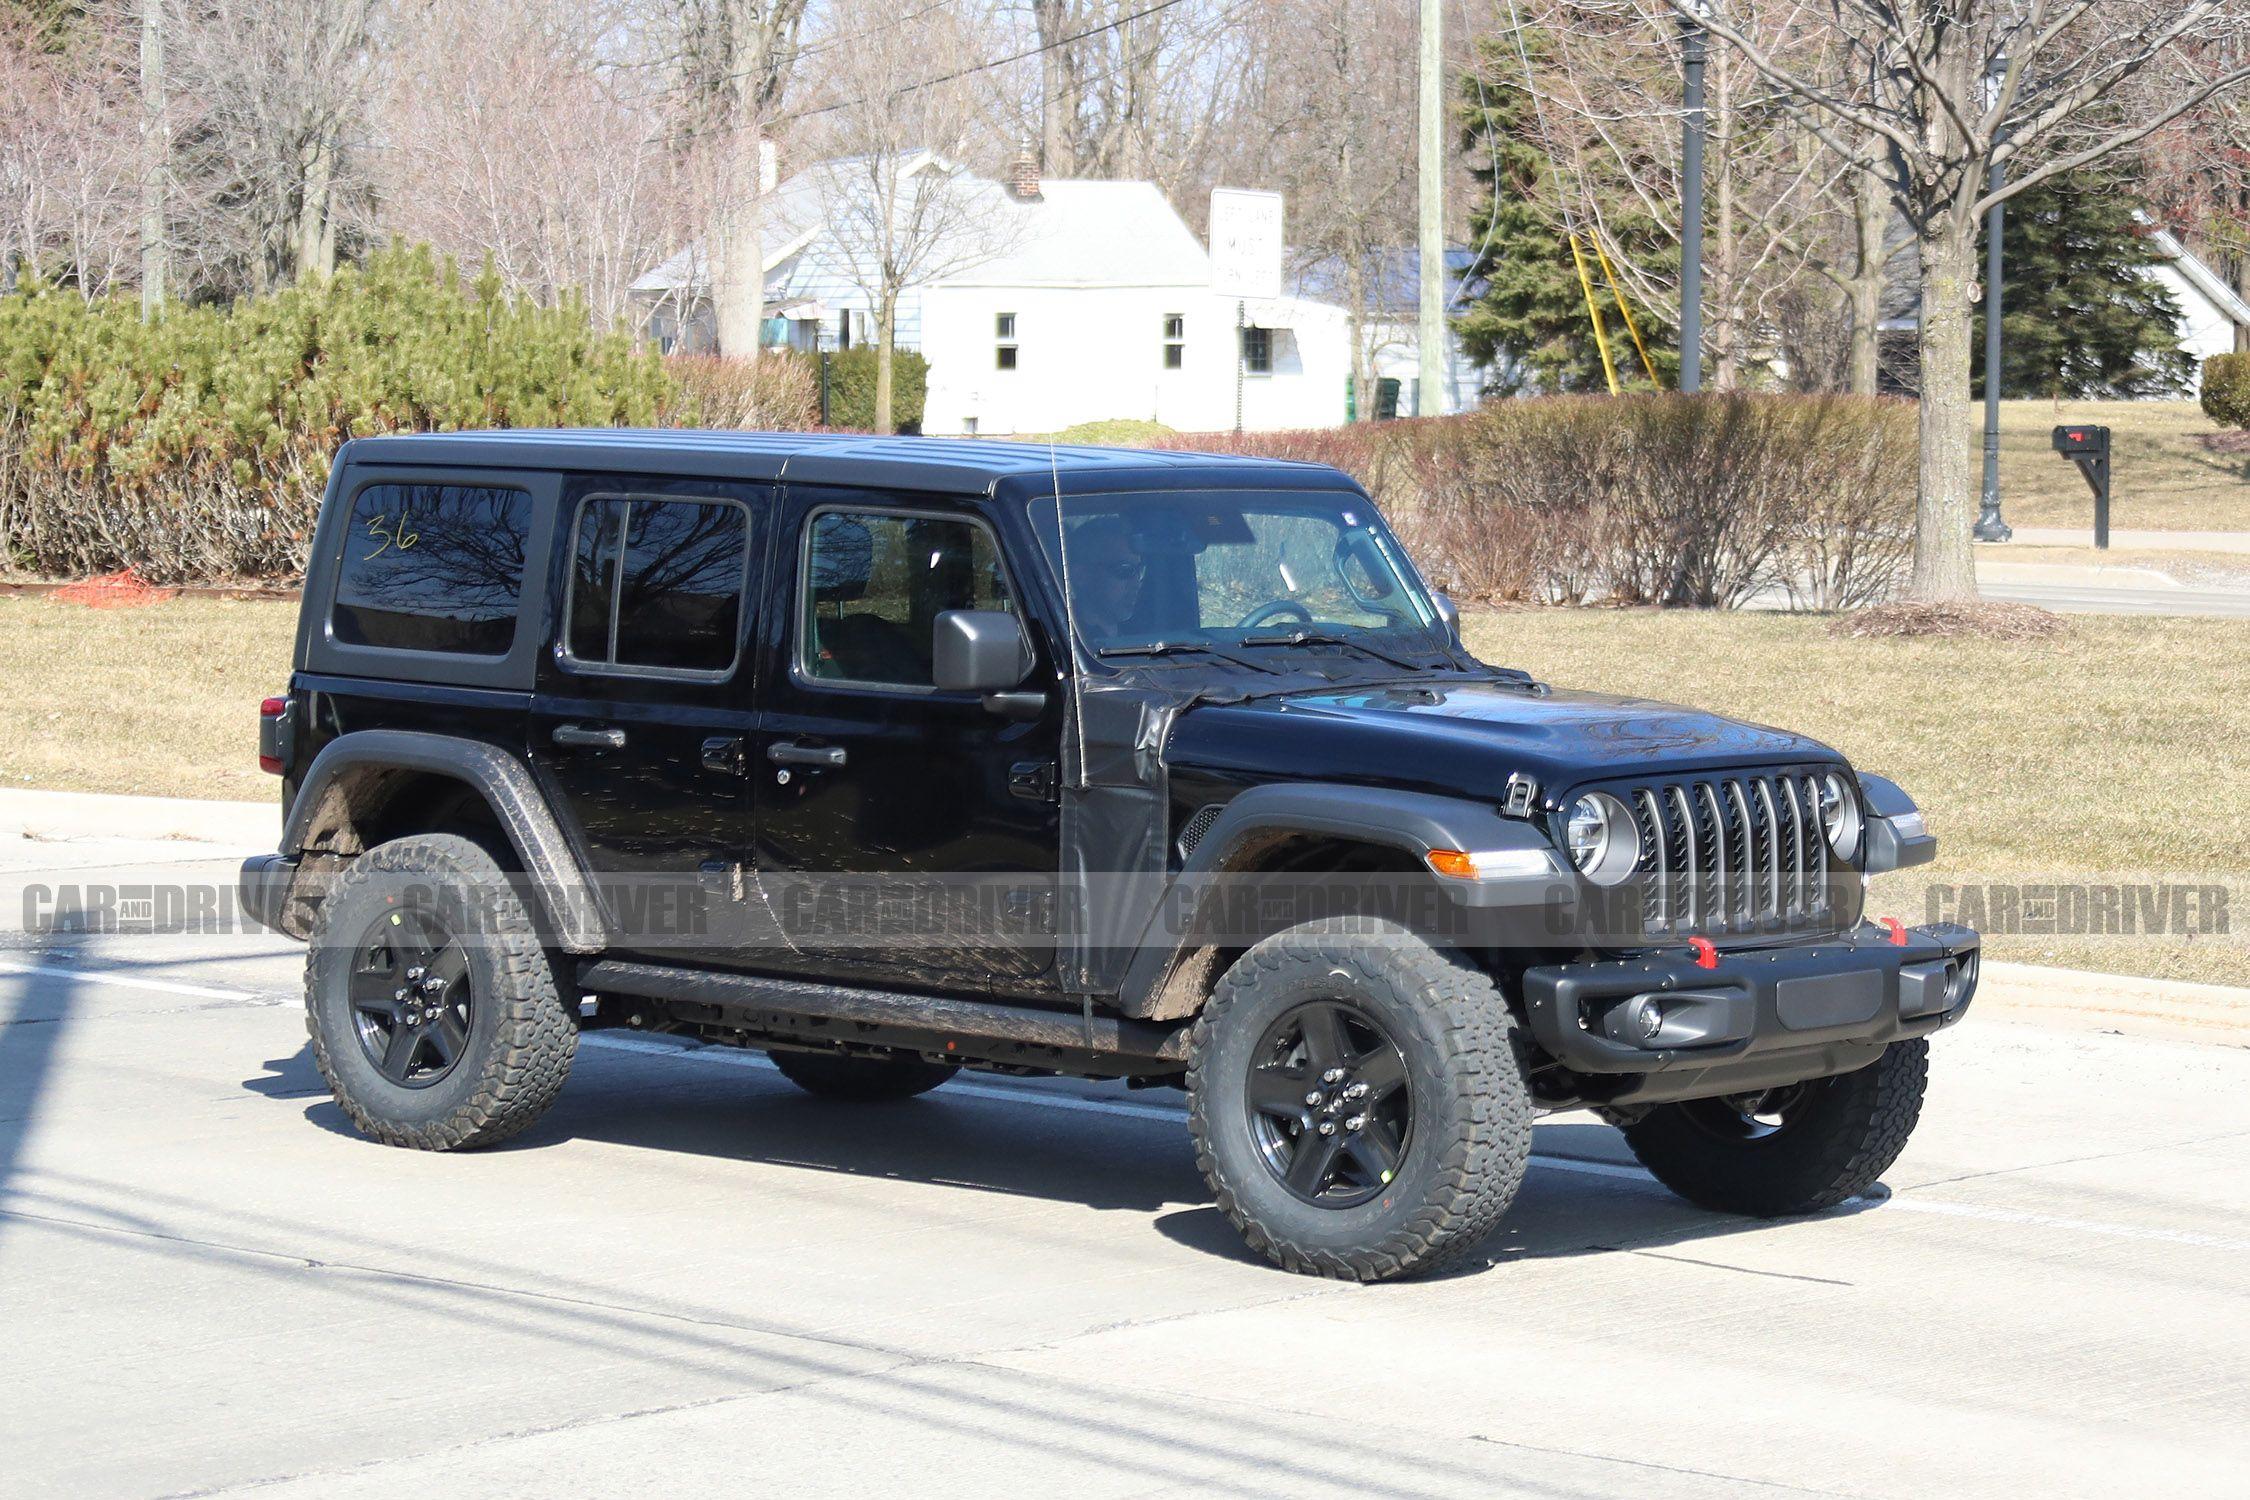 Jeep Wrangler PHEV Prototype